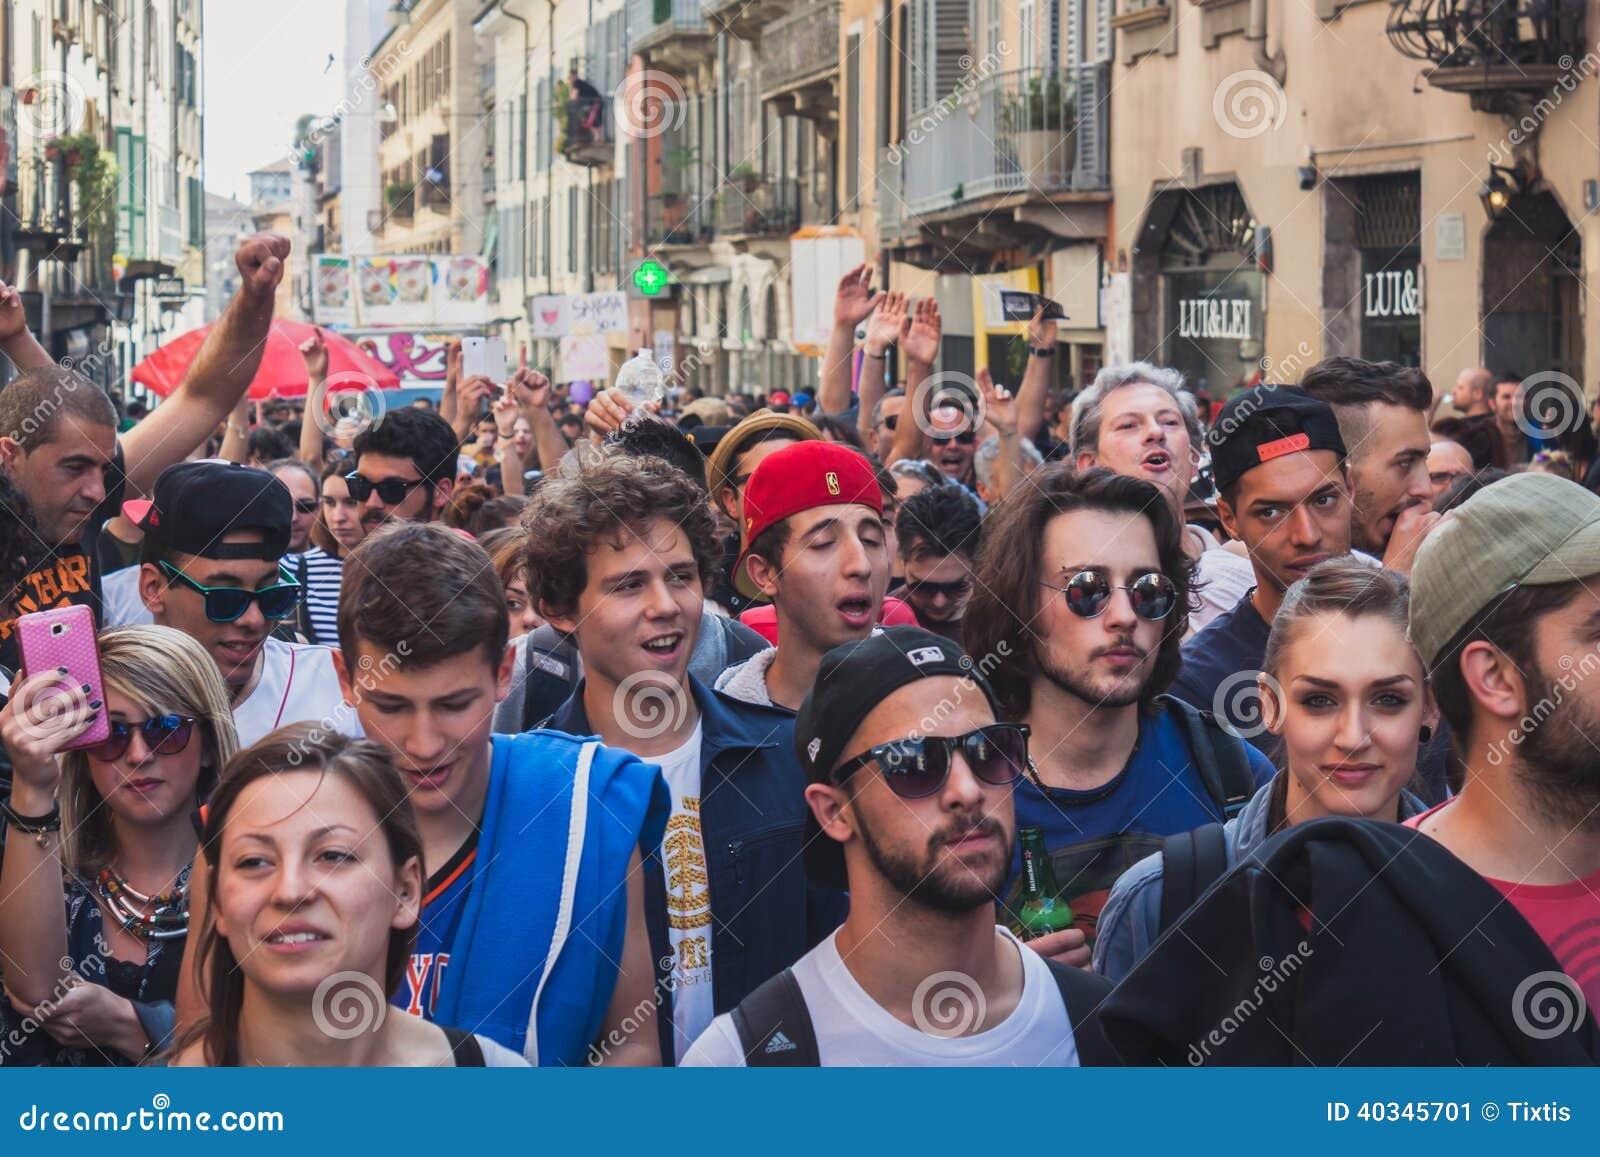 Pueblo Italiano - Página 9 La-gente-que-participa-en-primero-de-mayo-desfila-en-mil%C3%A1n-italia-40345701